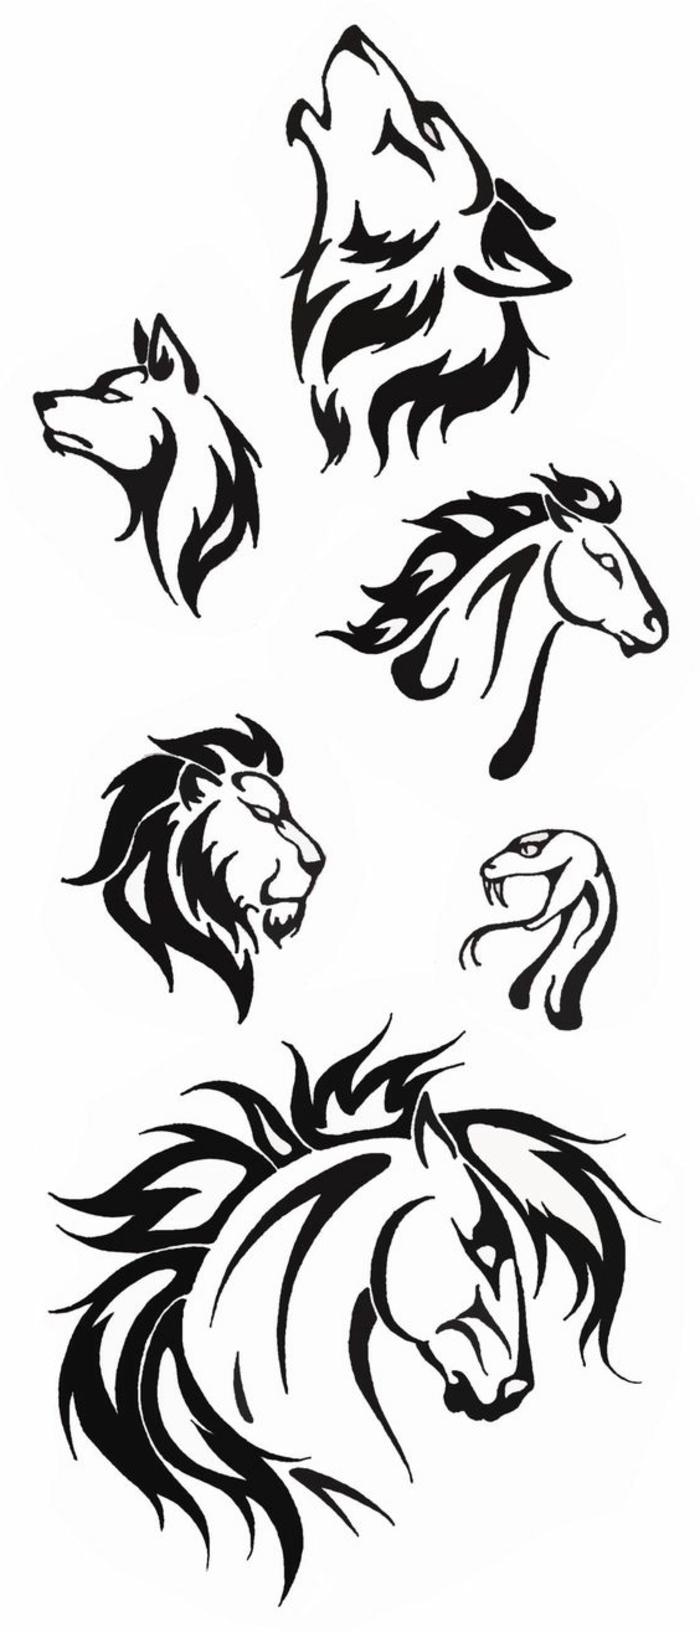 hier zeigen wir ihnen verschiedene ideen für schwarze tattoos - wölfe, löwe, zwei pferde, und eine schlange